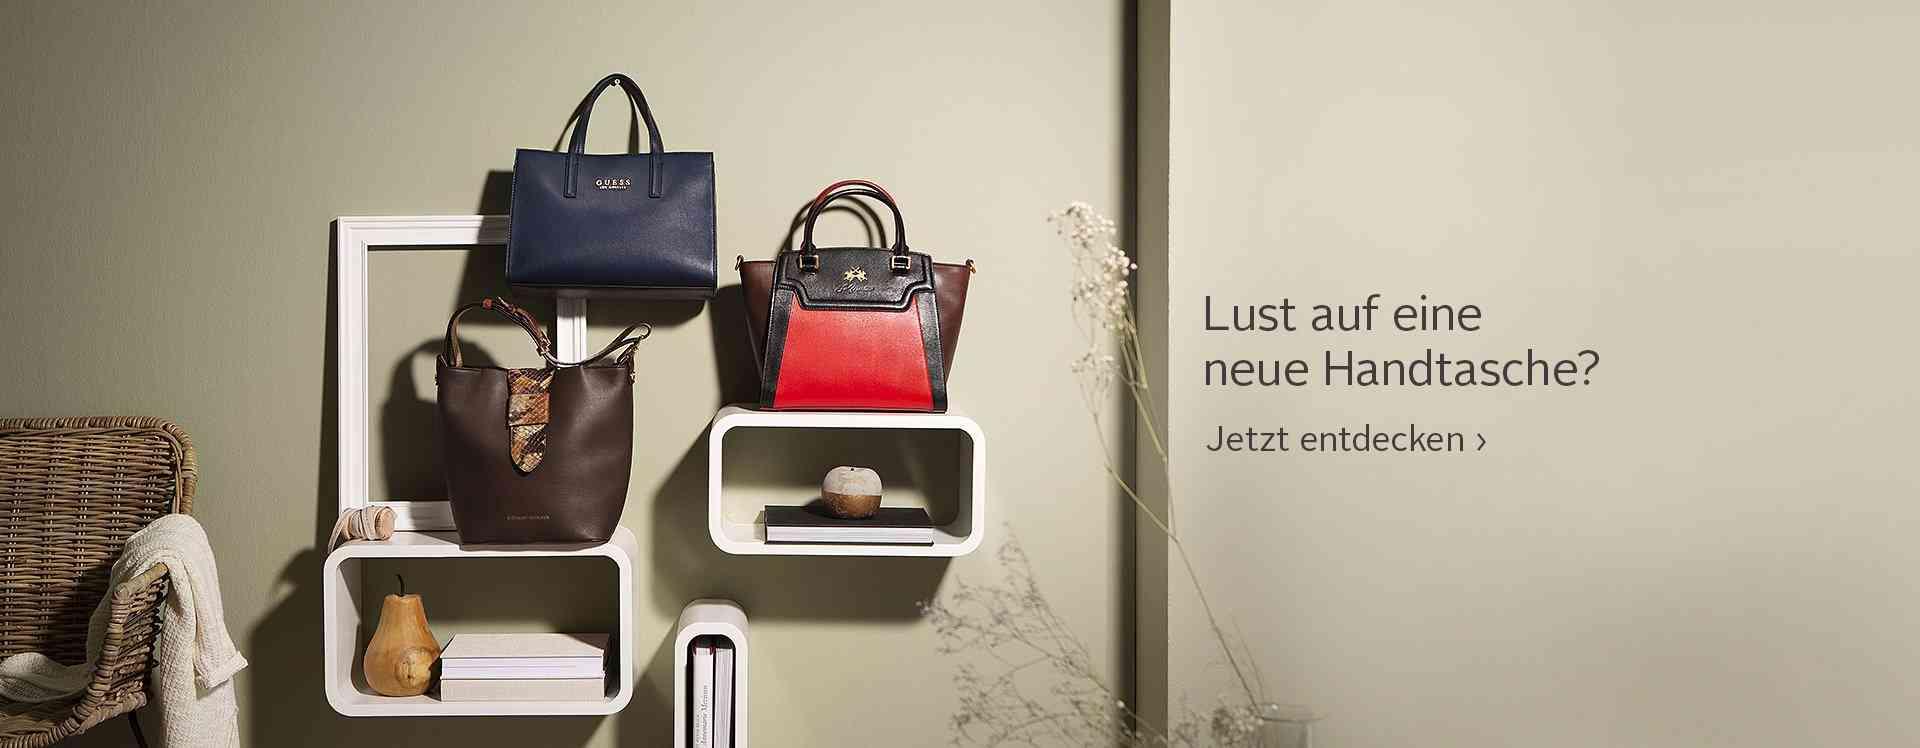 IHR ständiger Begleiter: Handtaschen finden Sie hier in allen Variationen.